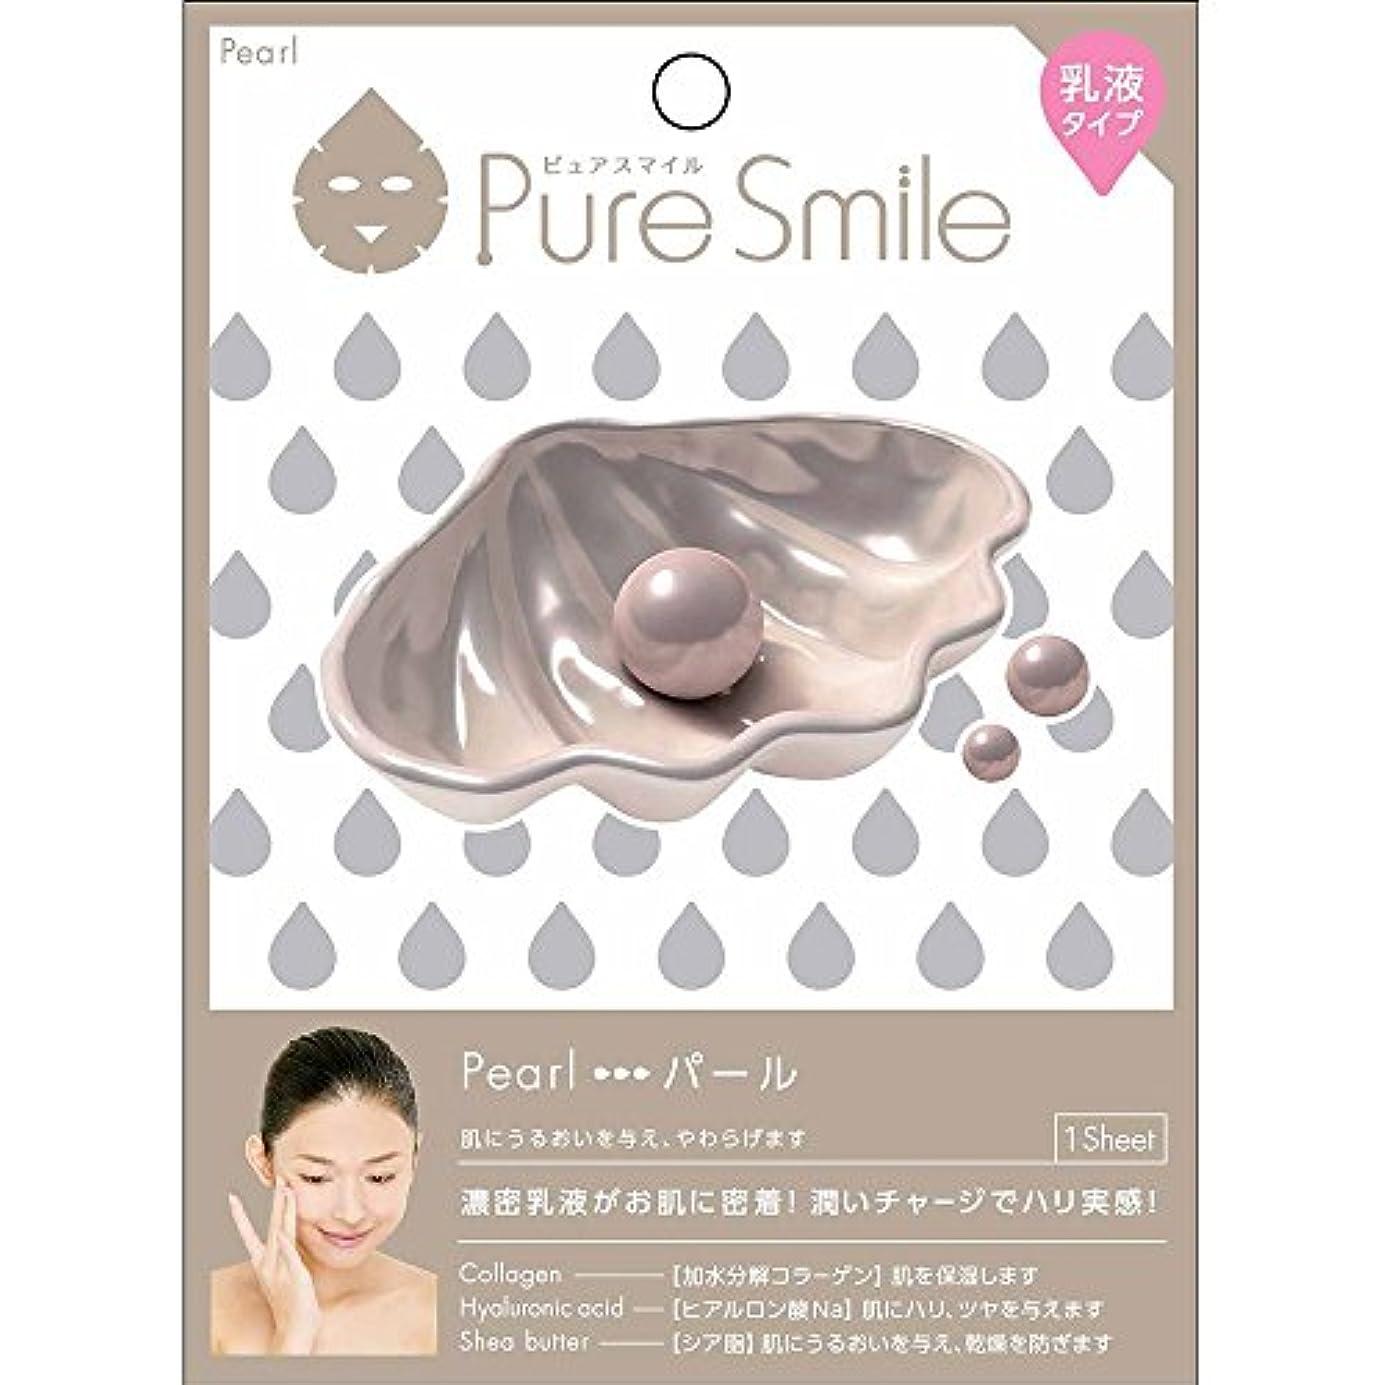 ナット同情的無効Pure Smile(ピュアスマイル) 乳液エッセンスマスク 1 枚 パール